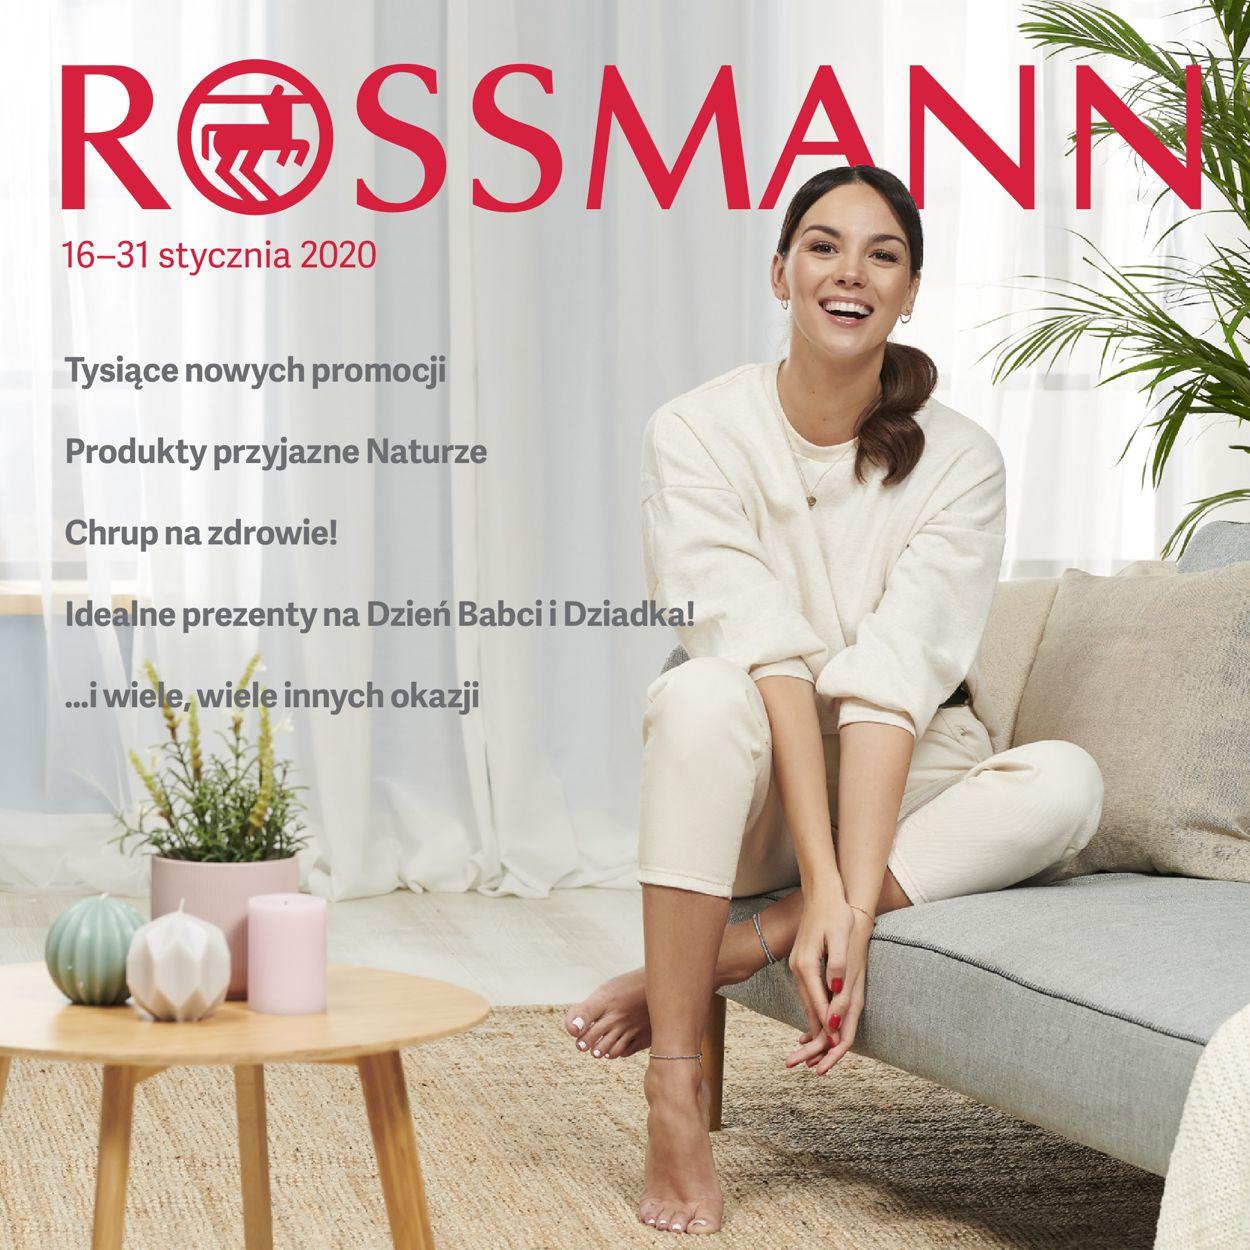 Gazetka promocyjna Rossmann - 16.01-31.01.2020